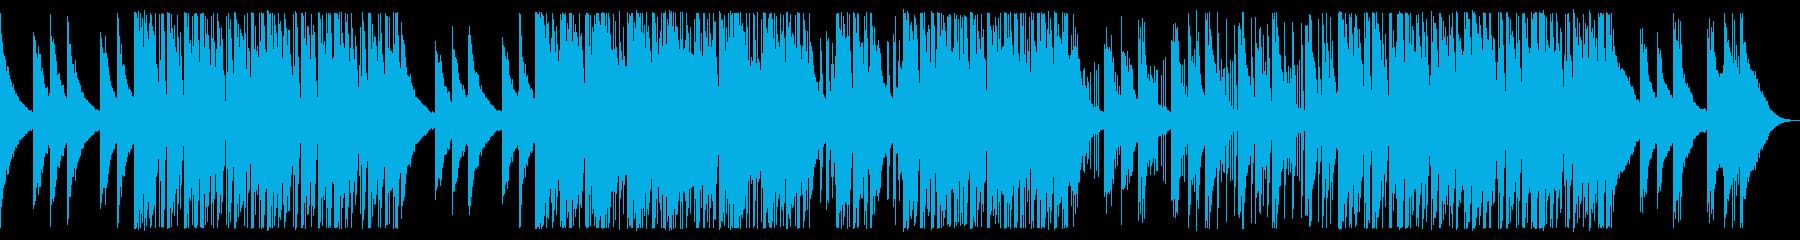 疾走感あるドラムンベースの再生済みの波形